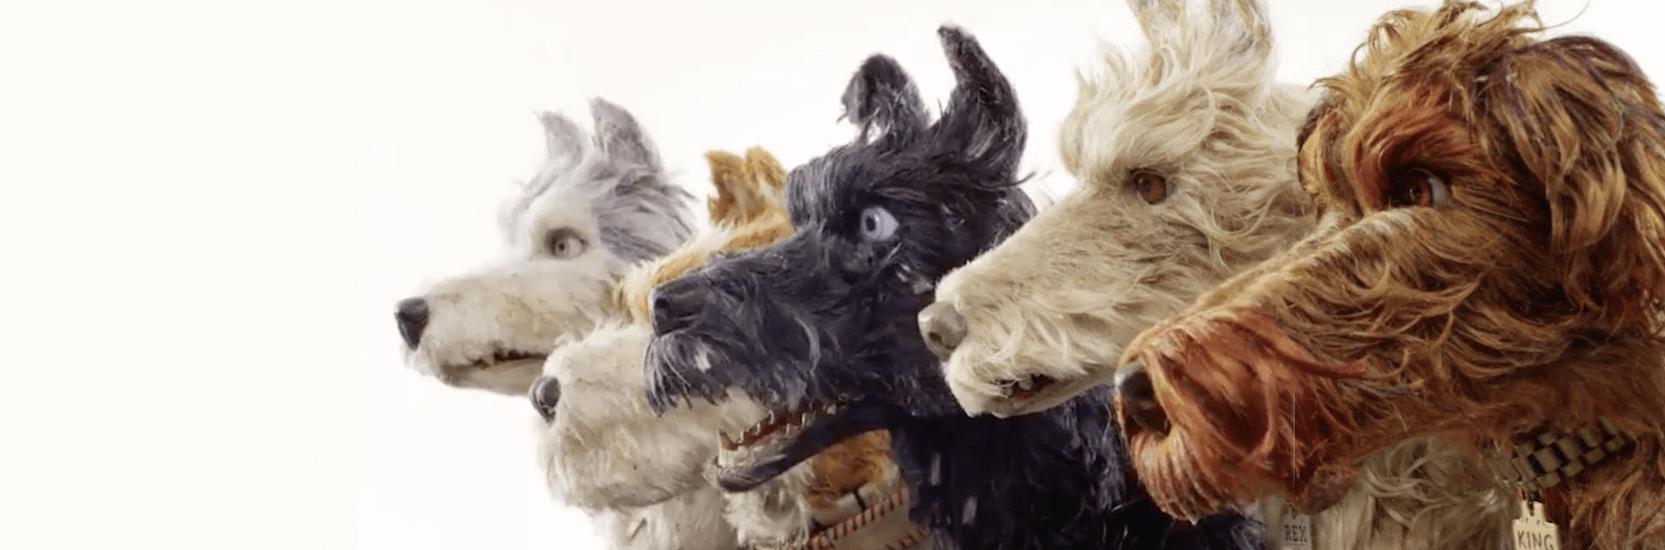 Critique – L'Île aux chiens